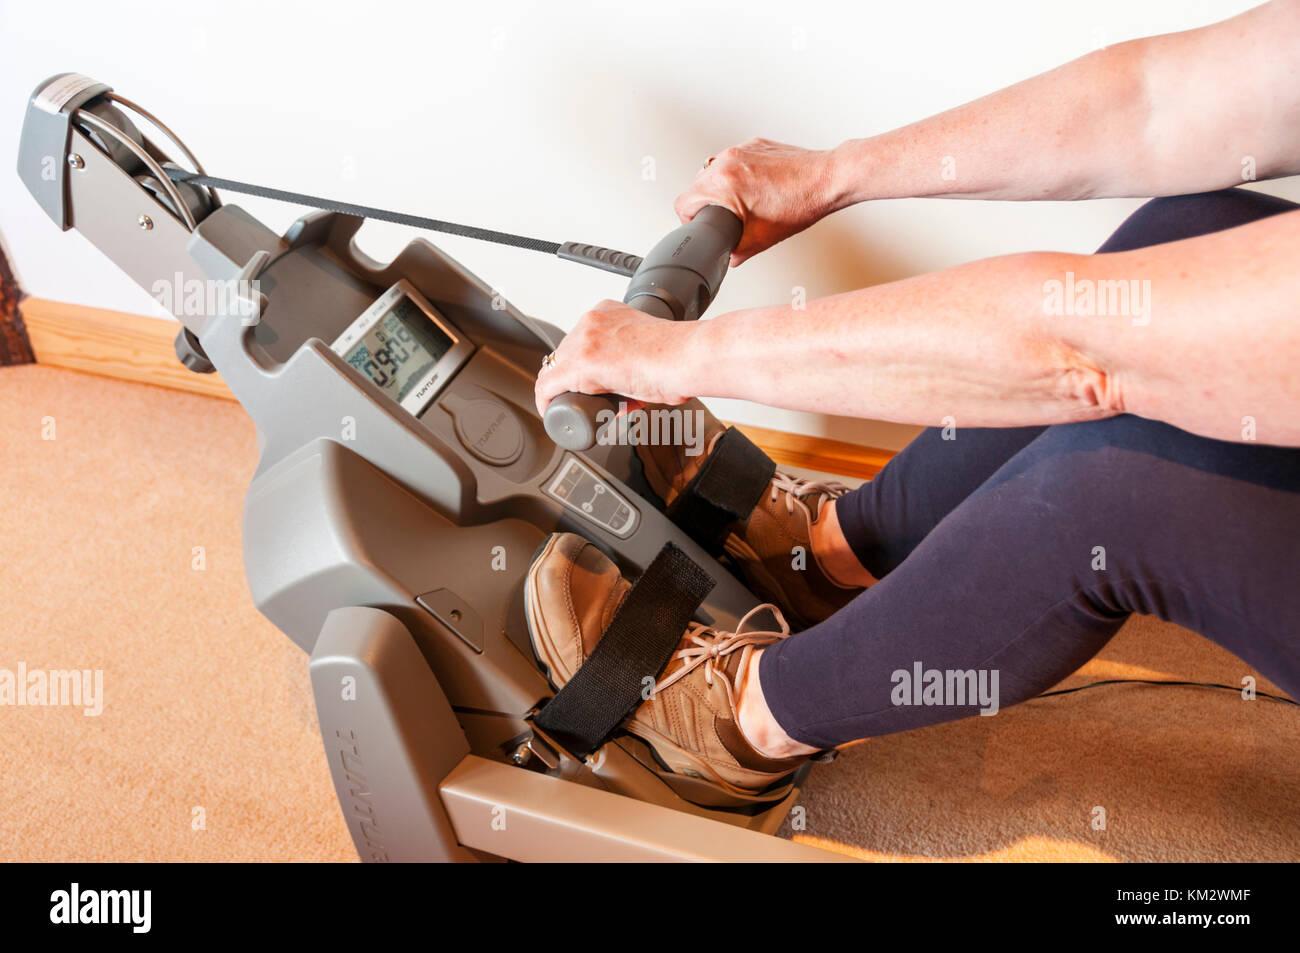 Mujer con una tunturi home máquina de ejercicio. Imagen De Stock